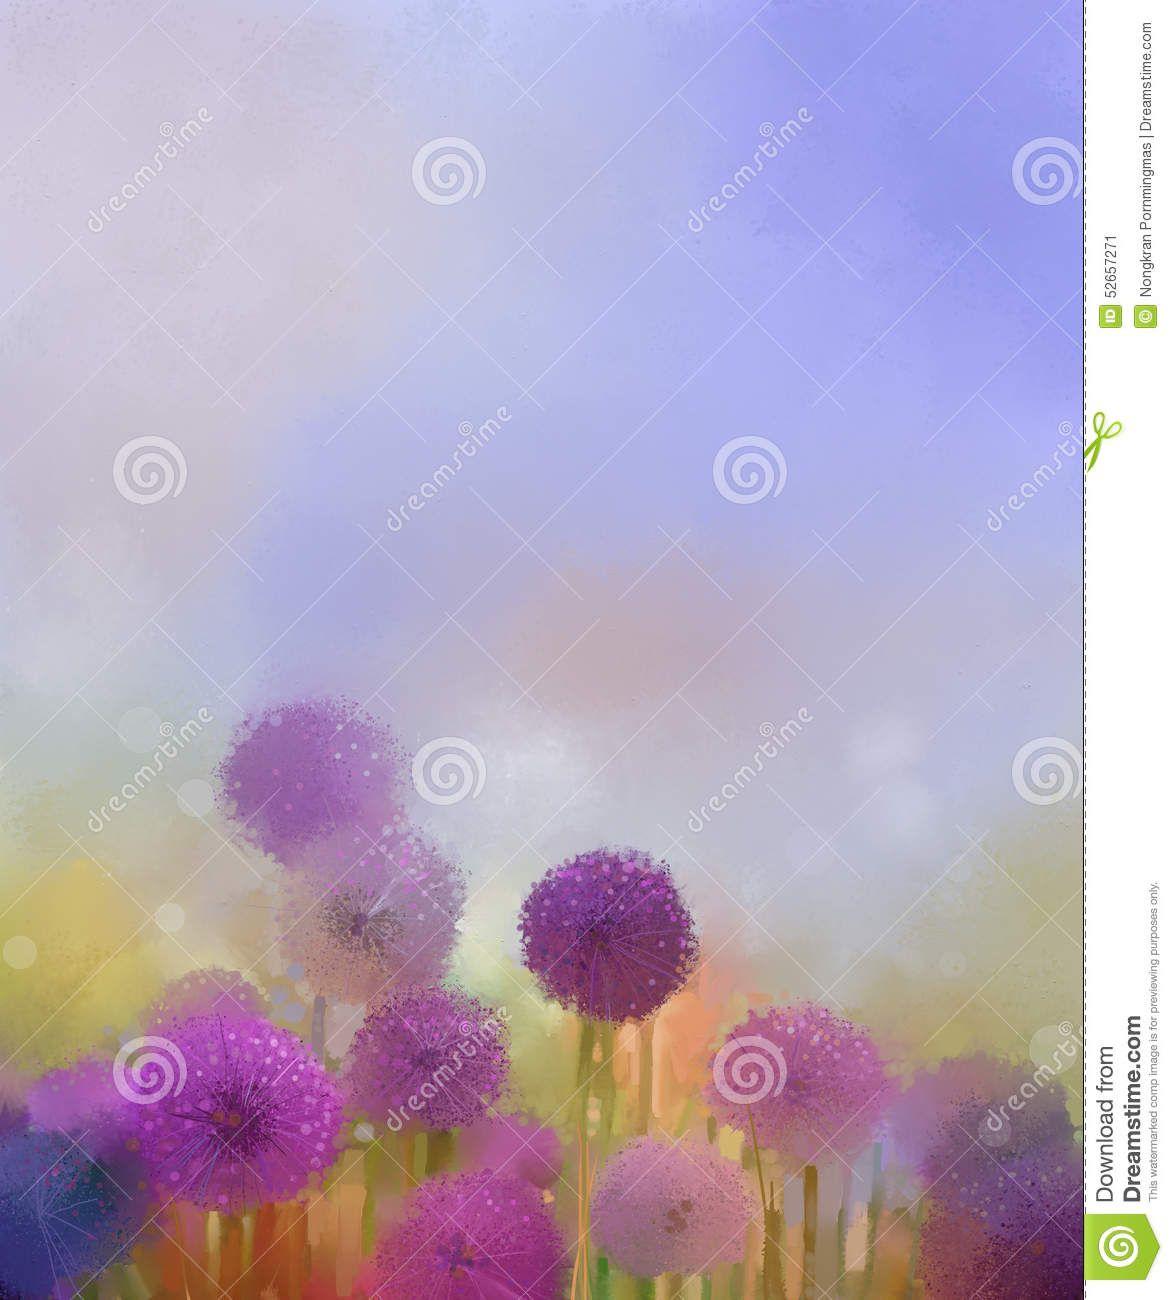 Peinture à Lu0027huile, Fleur Mauve Clair Du0027oignon De Couleurs En Pastel Dans  Les Prés Illustration Stock   Illustration Du Blur, Bleu: 52657271